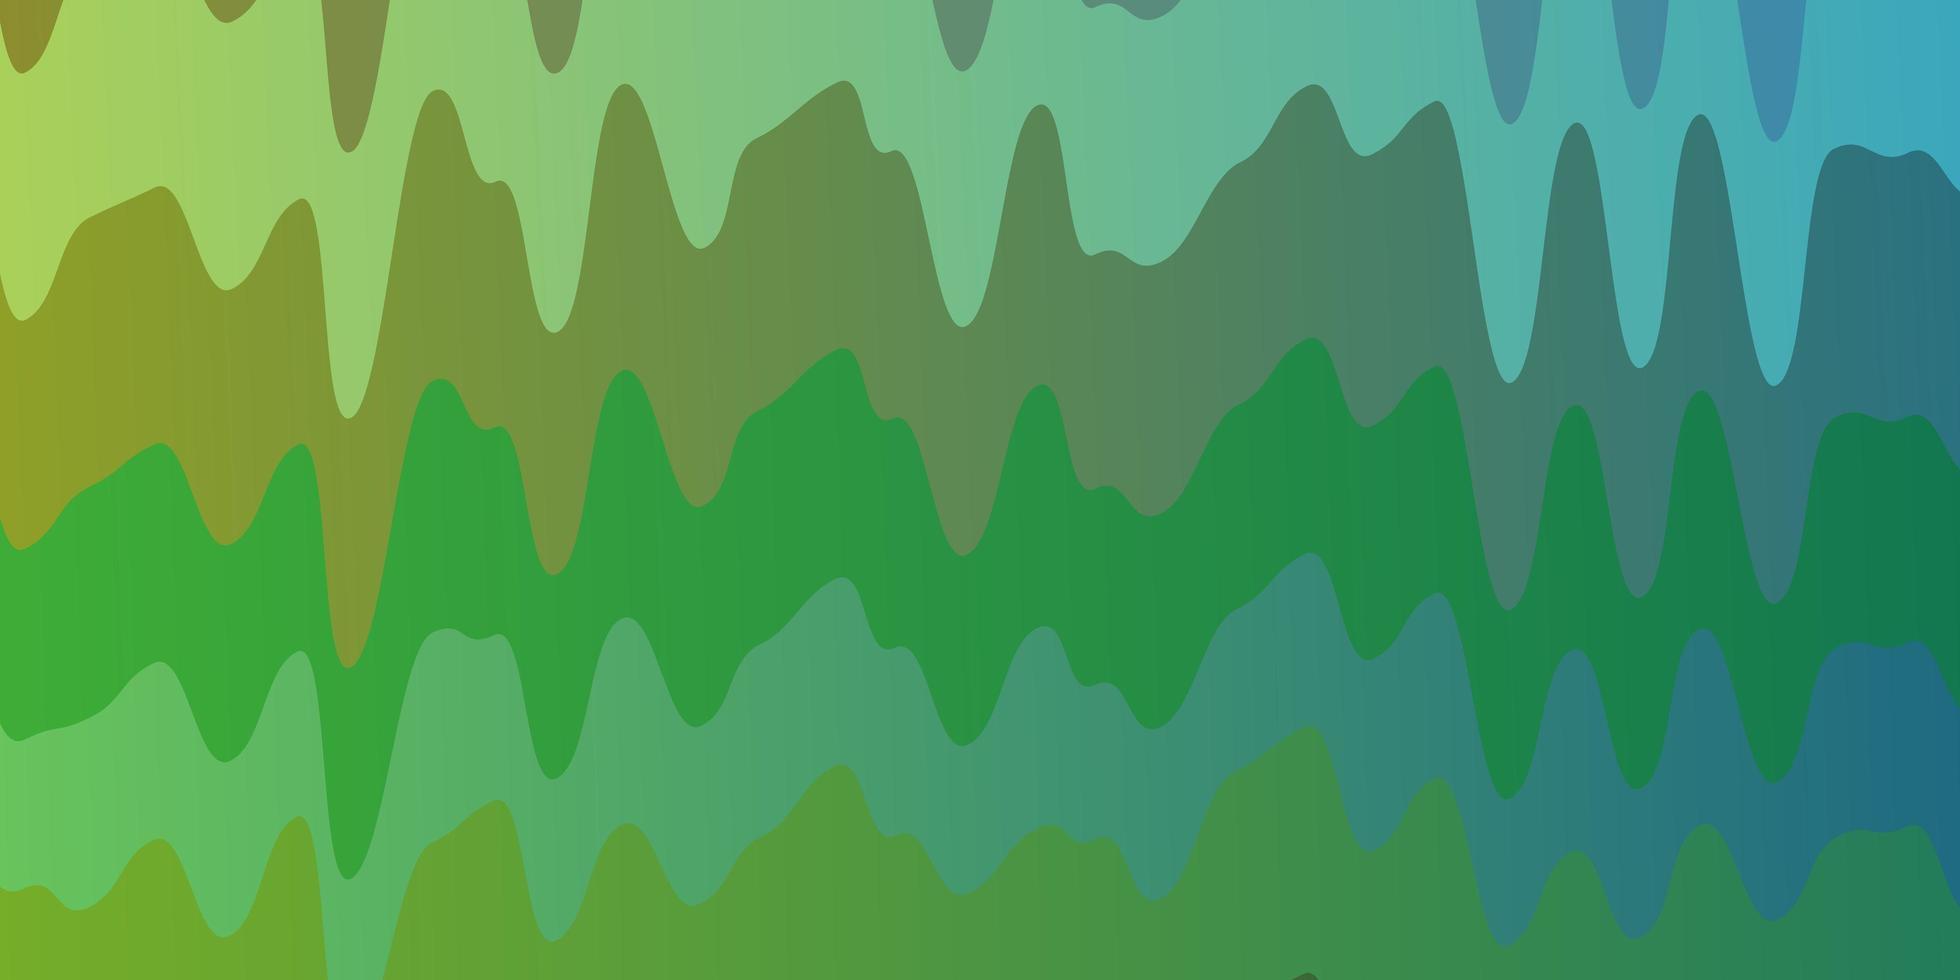 lichtgroen, geel sjabloon met gebogen lijnen. vector